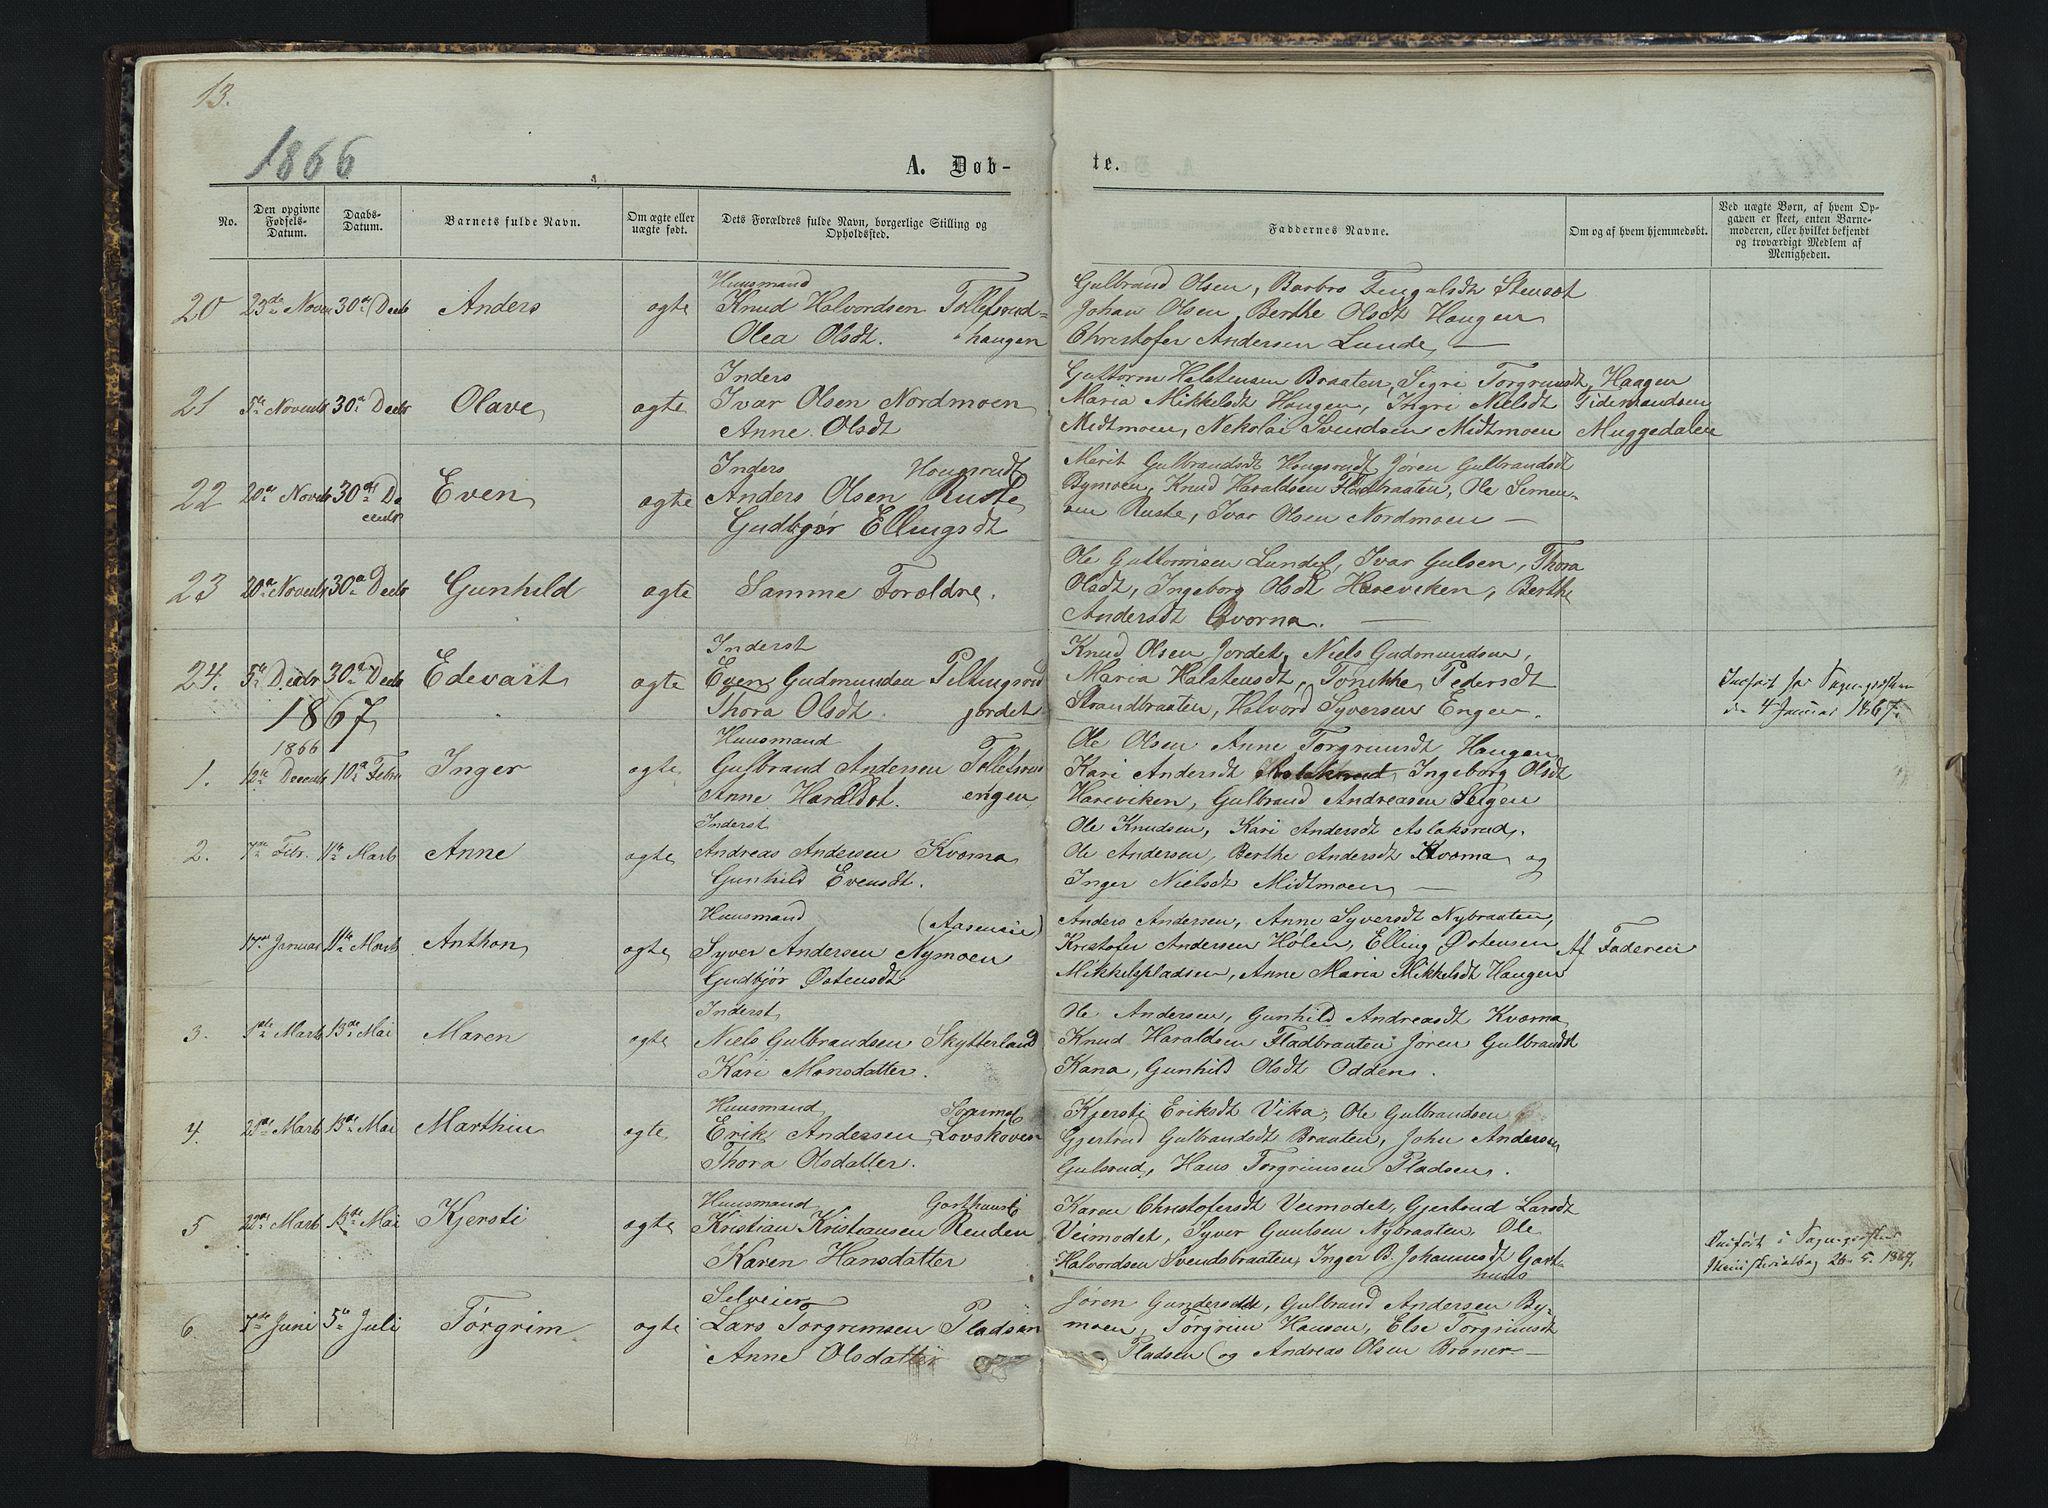 SAH, Sør-Aurdal prestekontor, Klokkerbok nr. 3, 1862-1893, s. 13